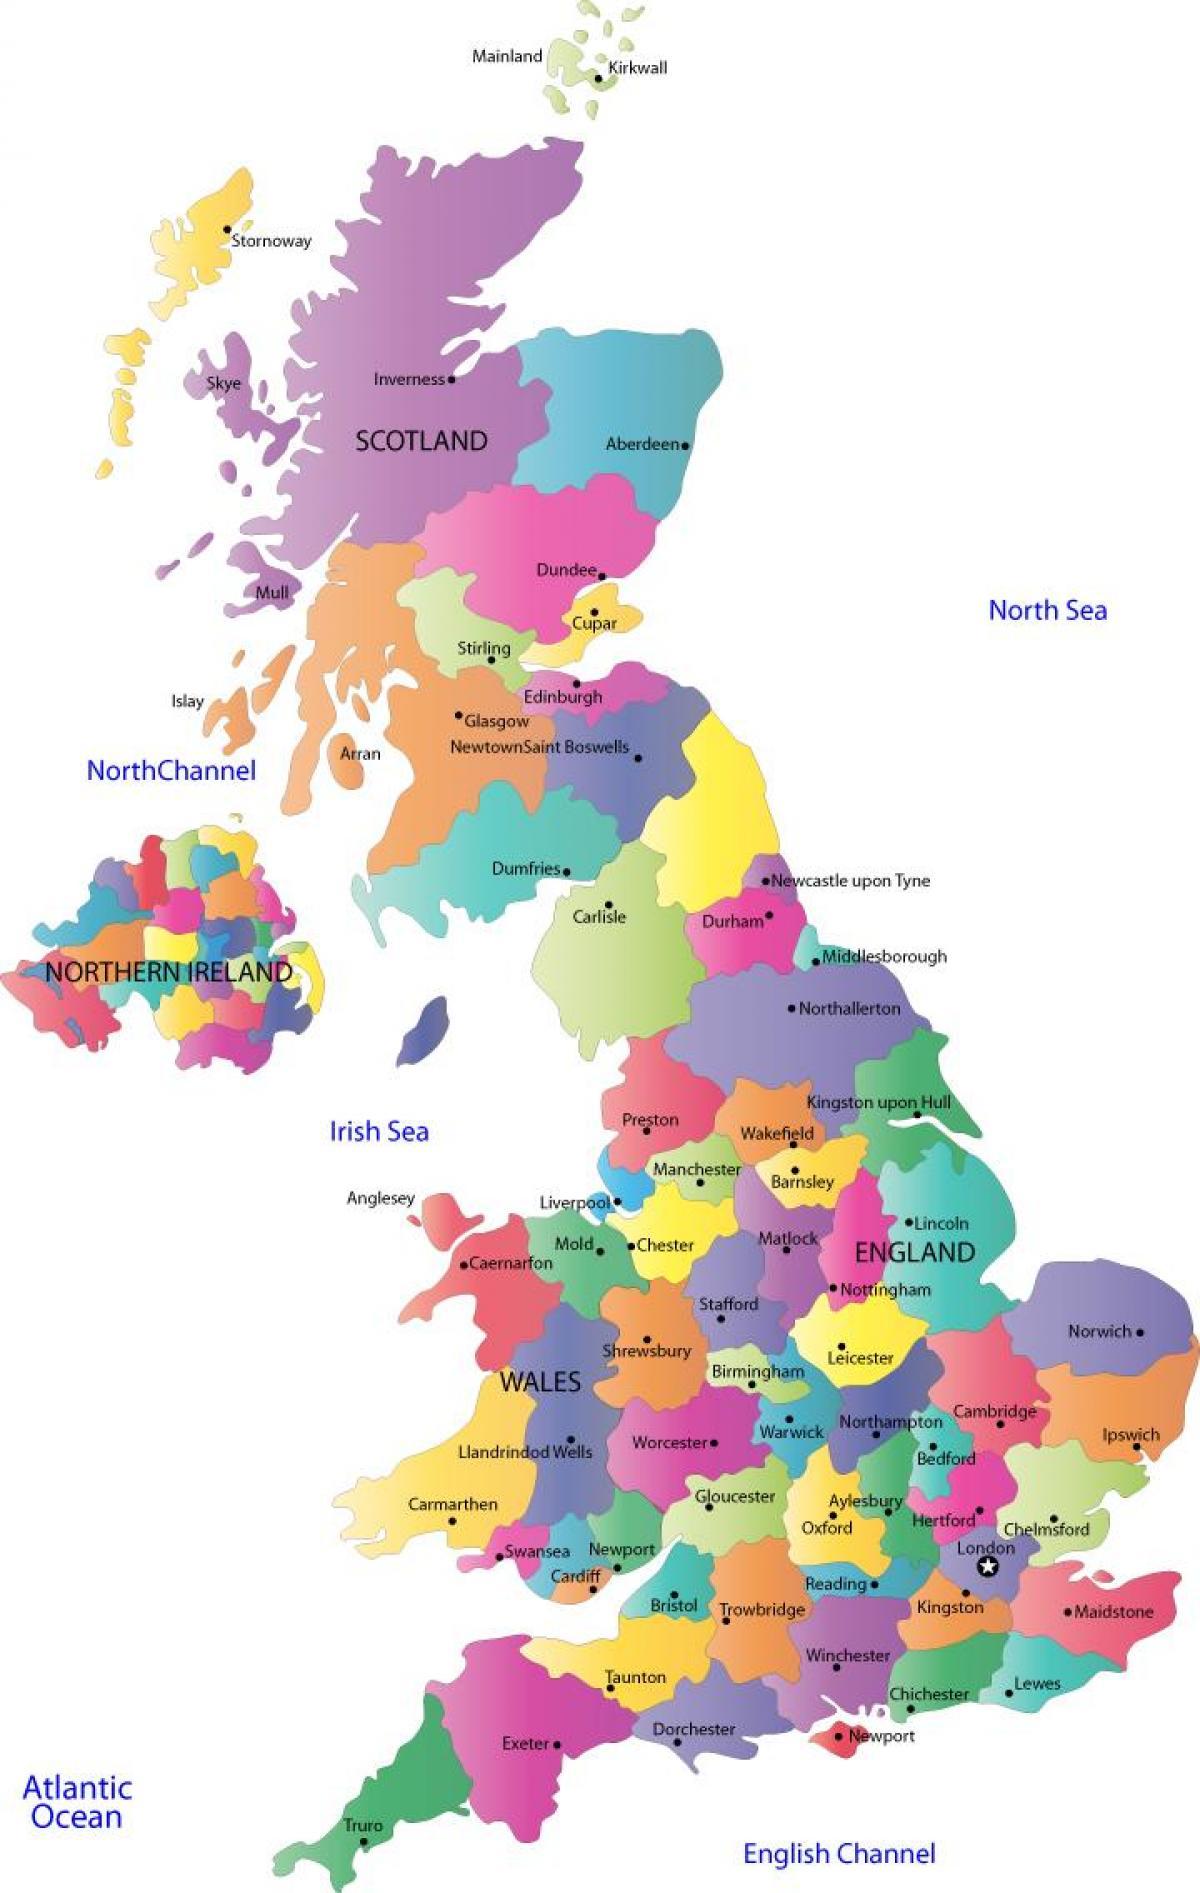 Kort Uk Amter Byer Kort Over Storbritannien Med Amter Og Byer I